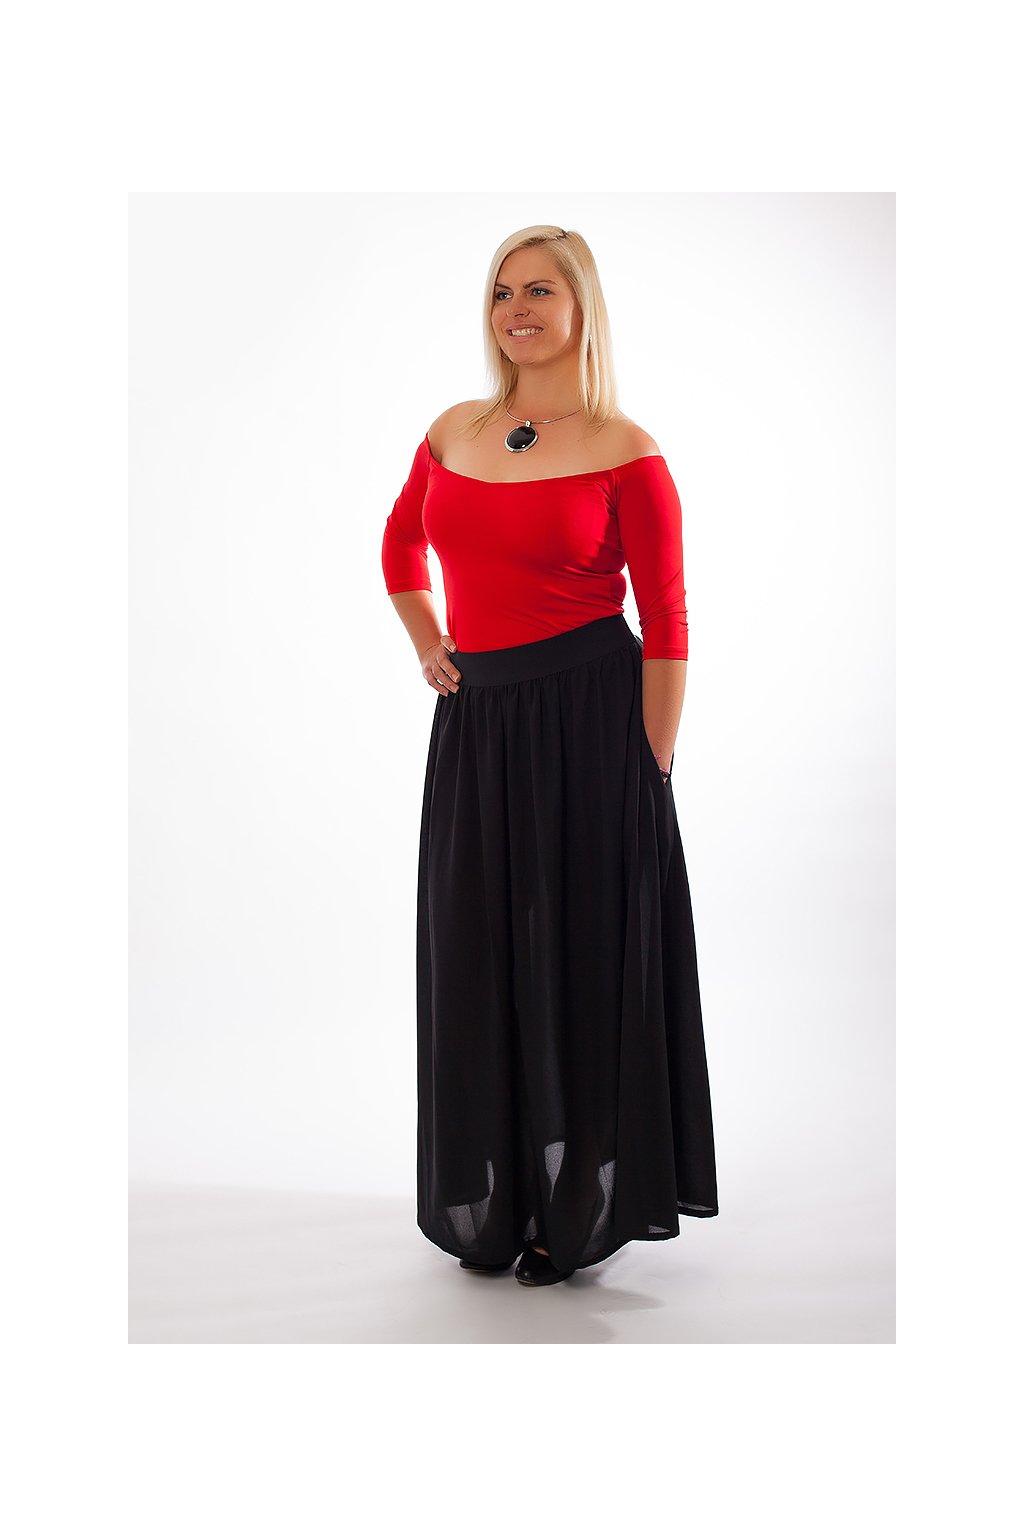 b10808ff5a5a Bellazu - Krásná móda pro baculky. Obchod s krásným oblečením i v ...